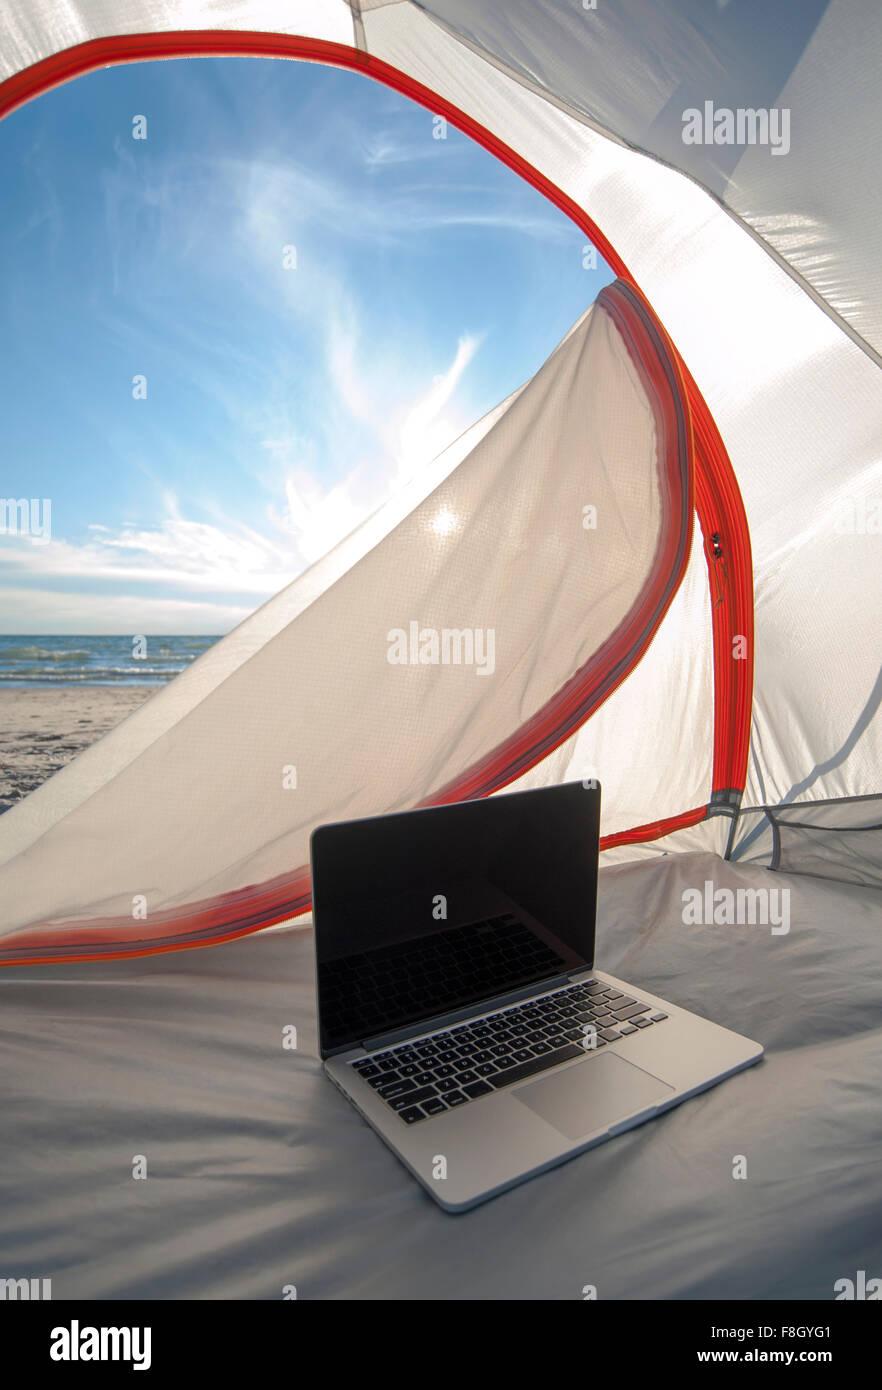 Ordinateur portable dans tente de camping sur la plage Photo Stock